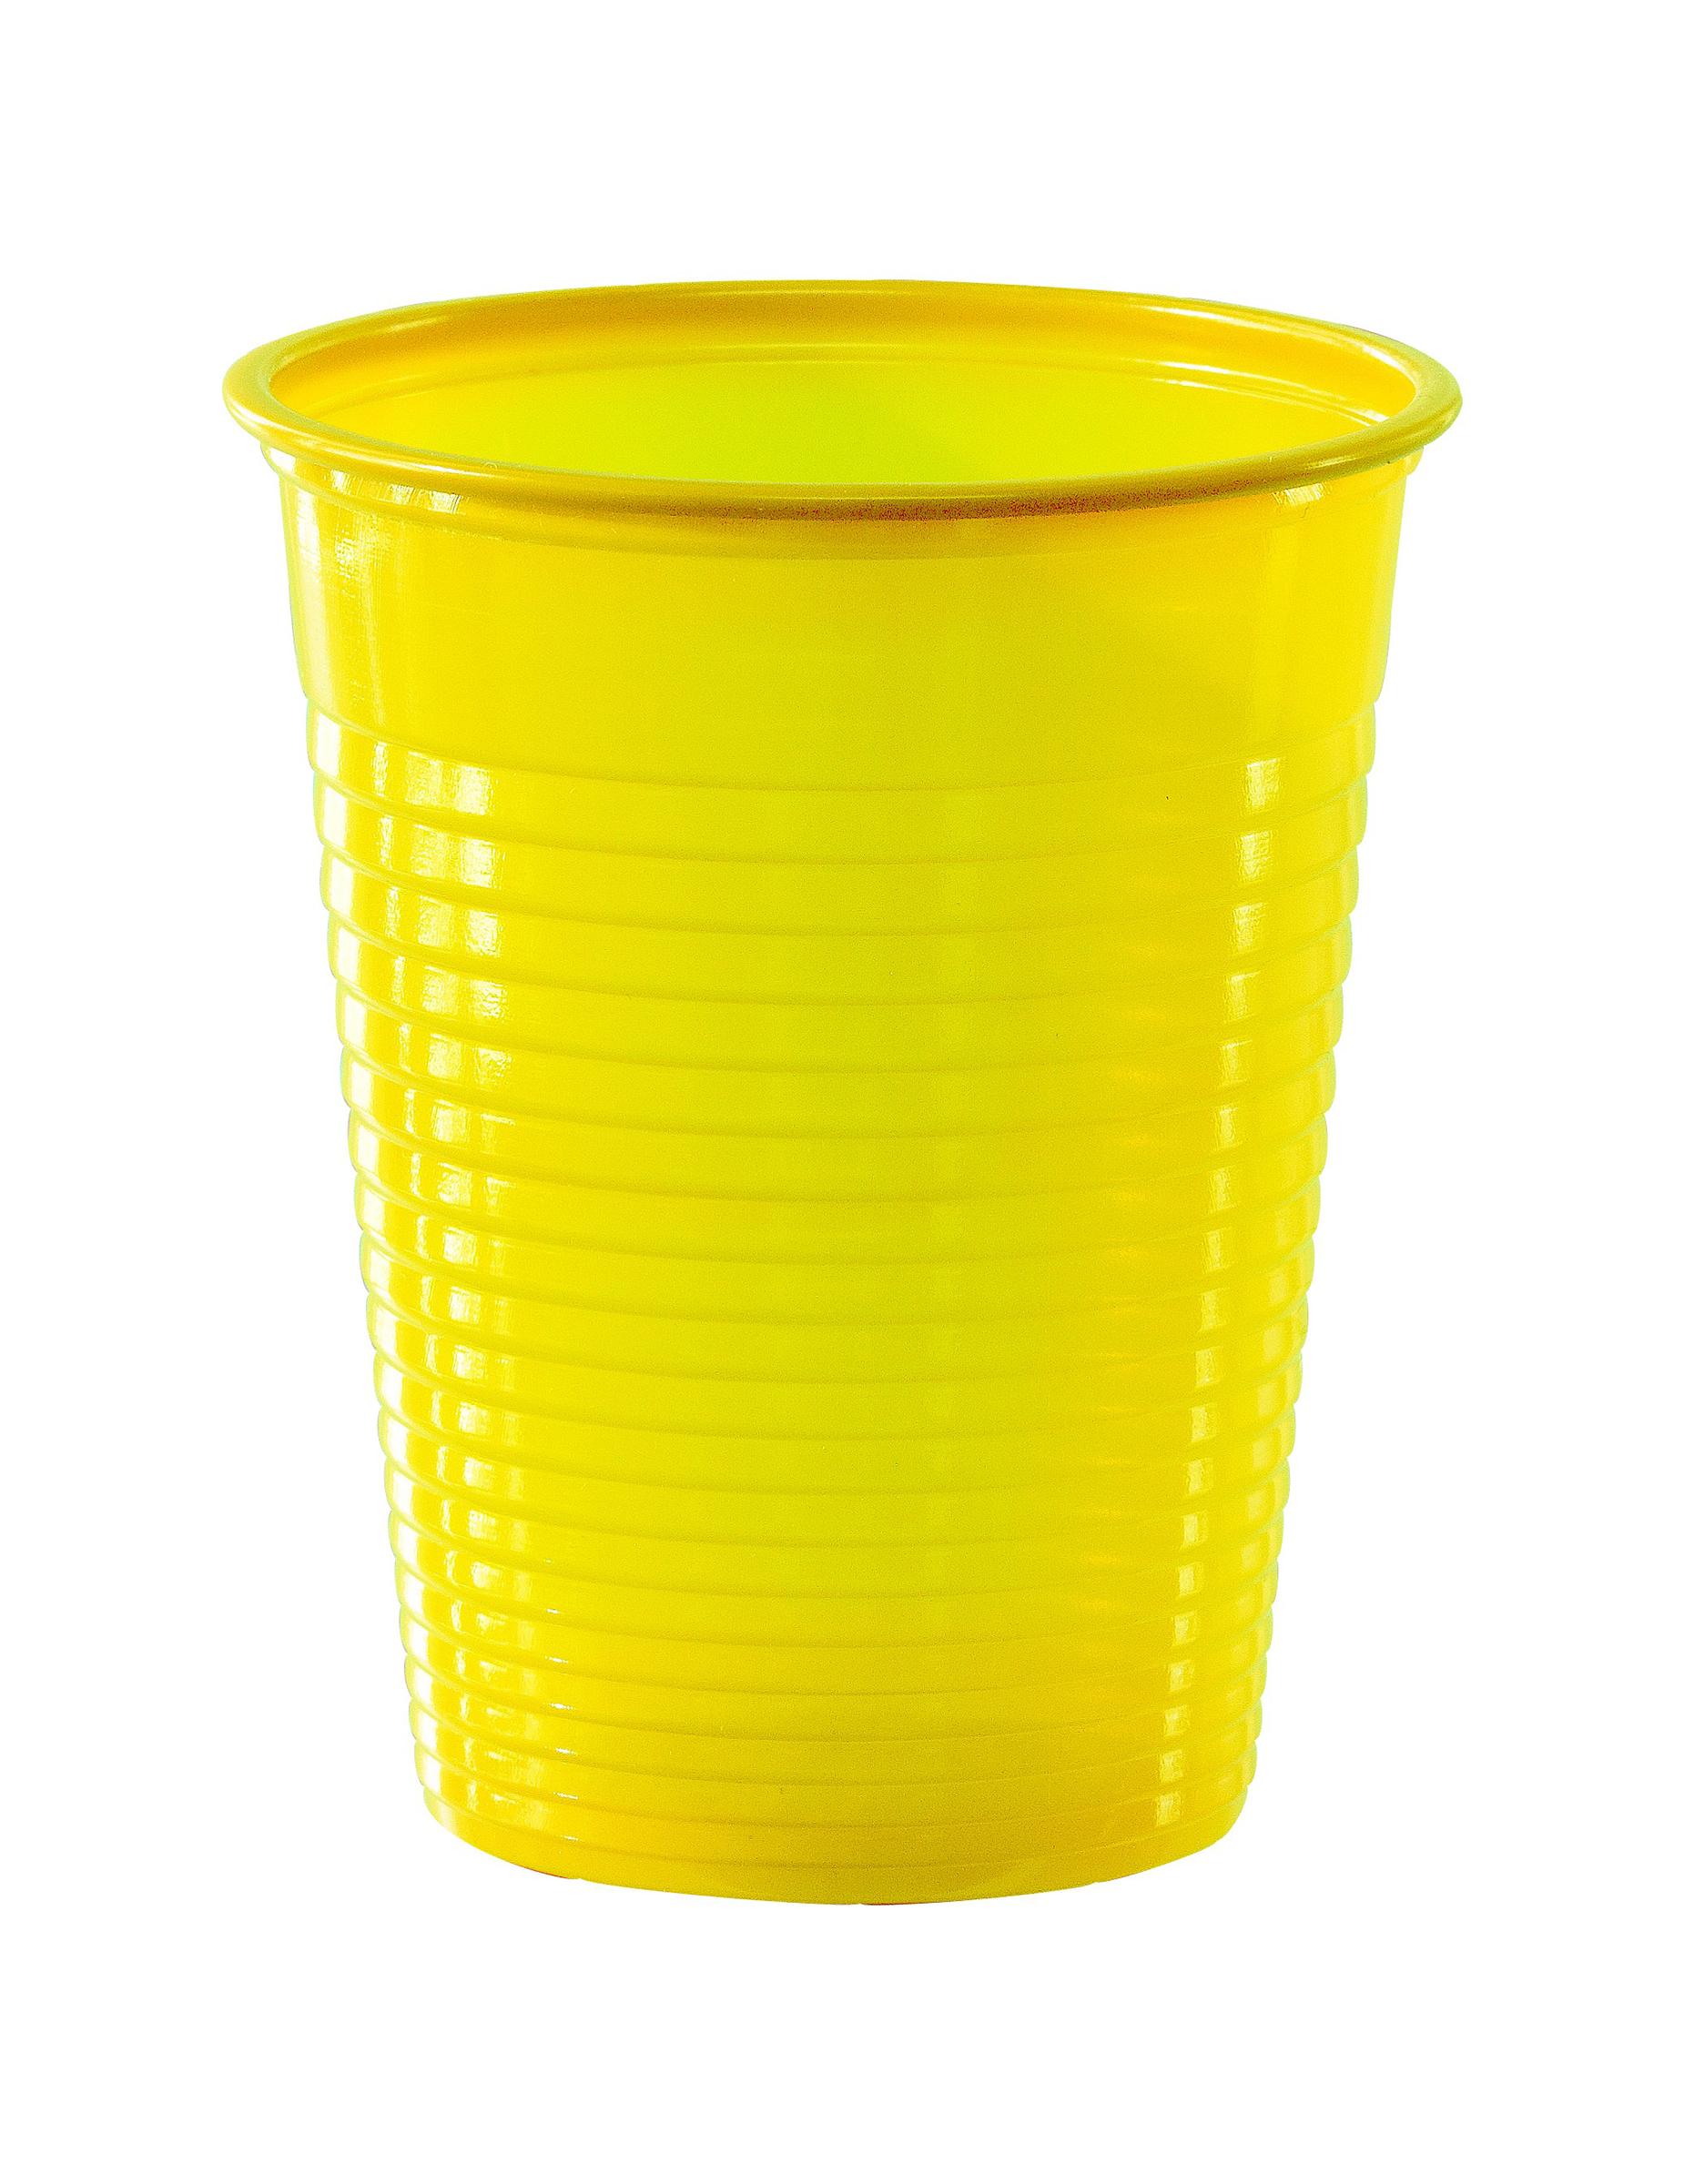 50 gobelets en plastique jaune 20 cl d coration anniversaire et f tes th me sur vegaoo party - Decoration gobelet plastique ...